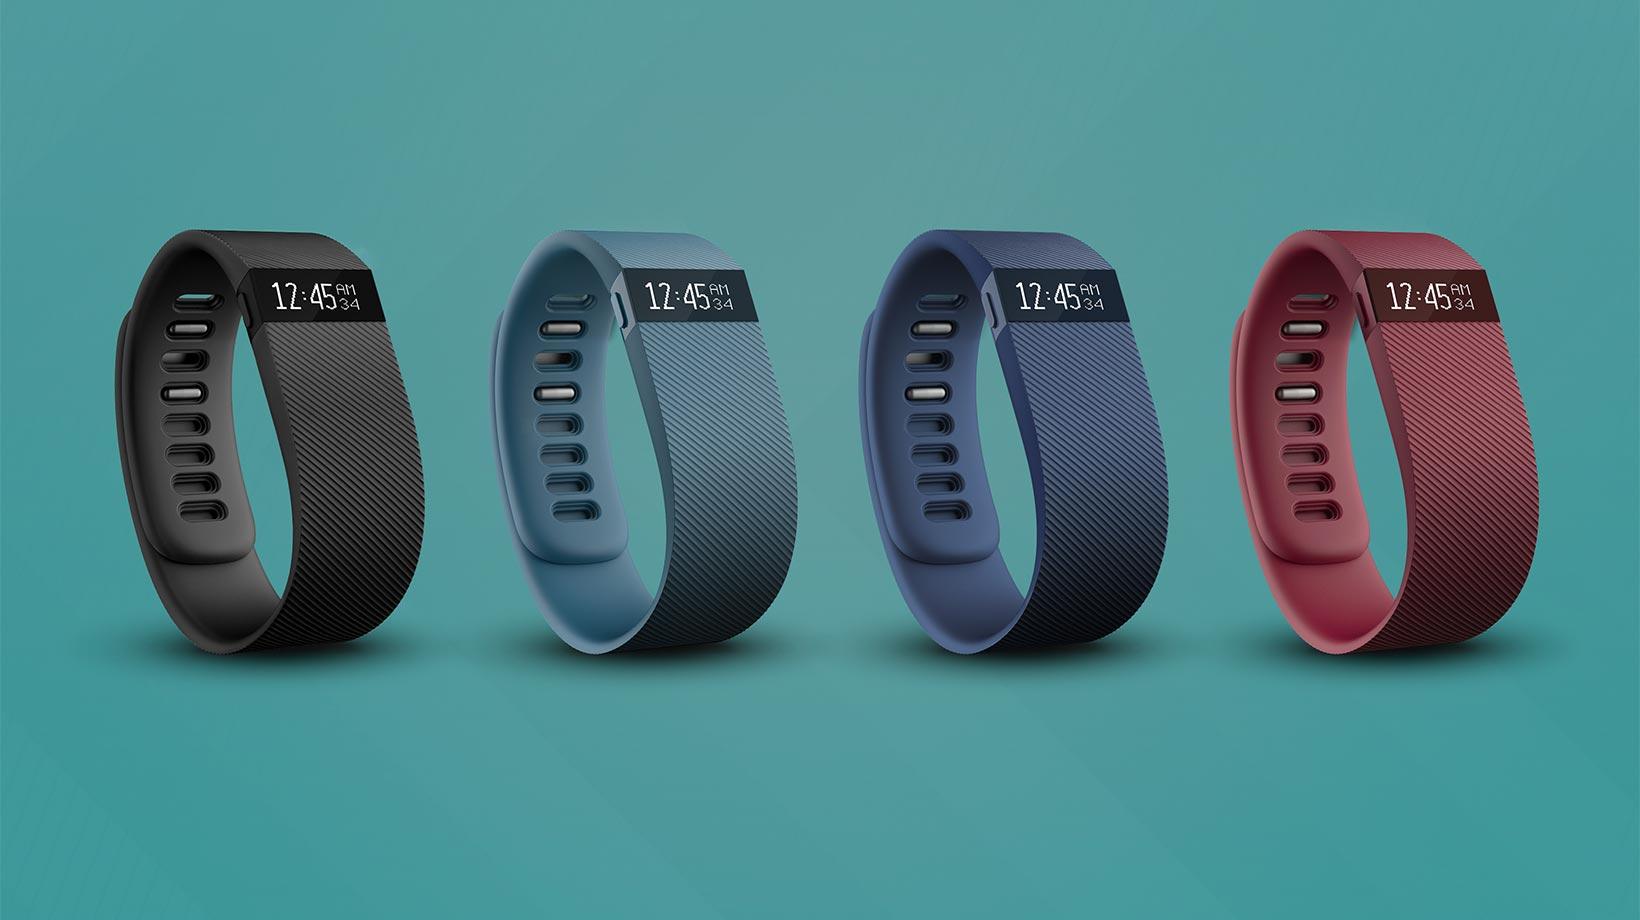 1f2b5917a مراجعة مواصفات الساعة الذكية Fitbit Charge